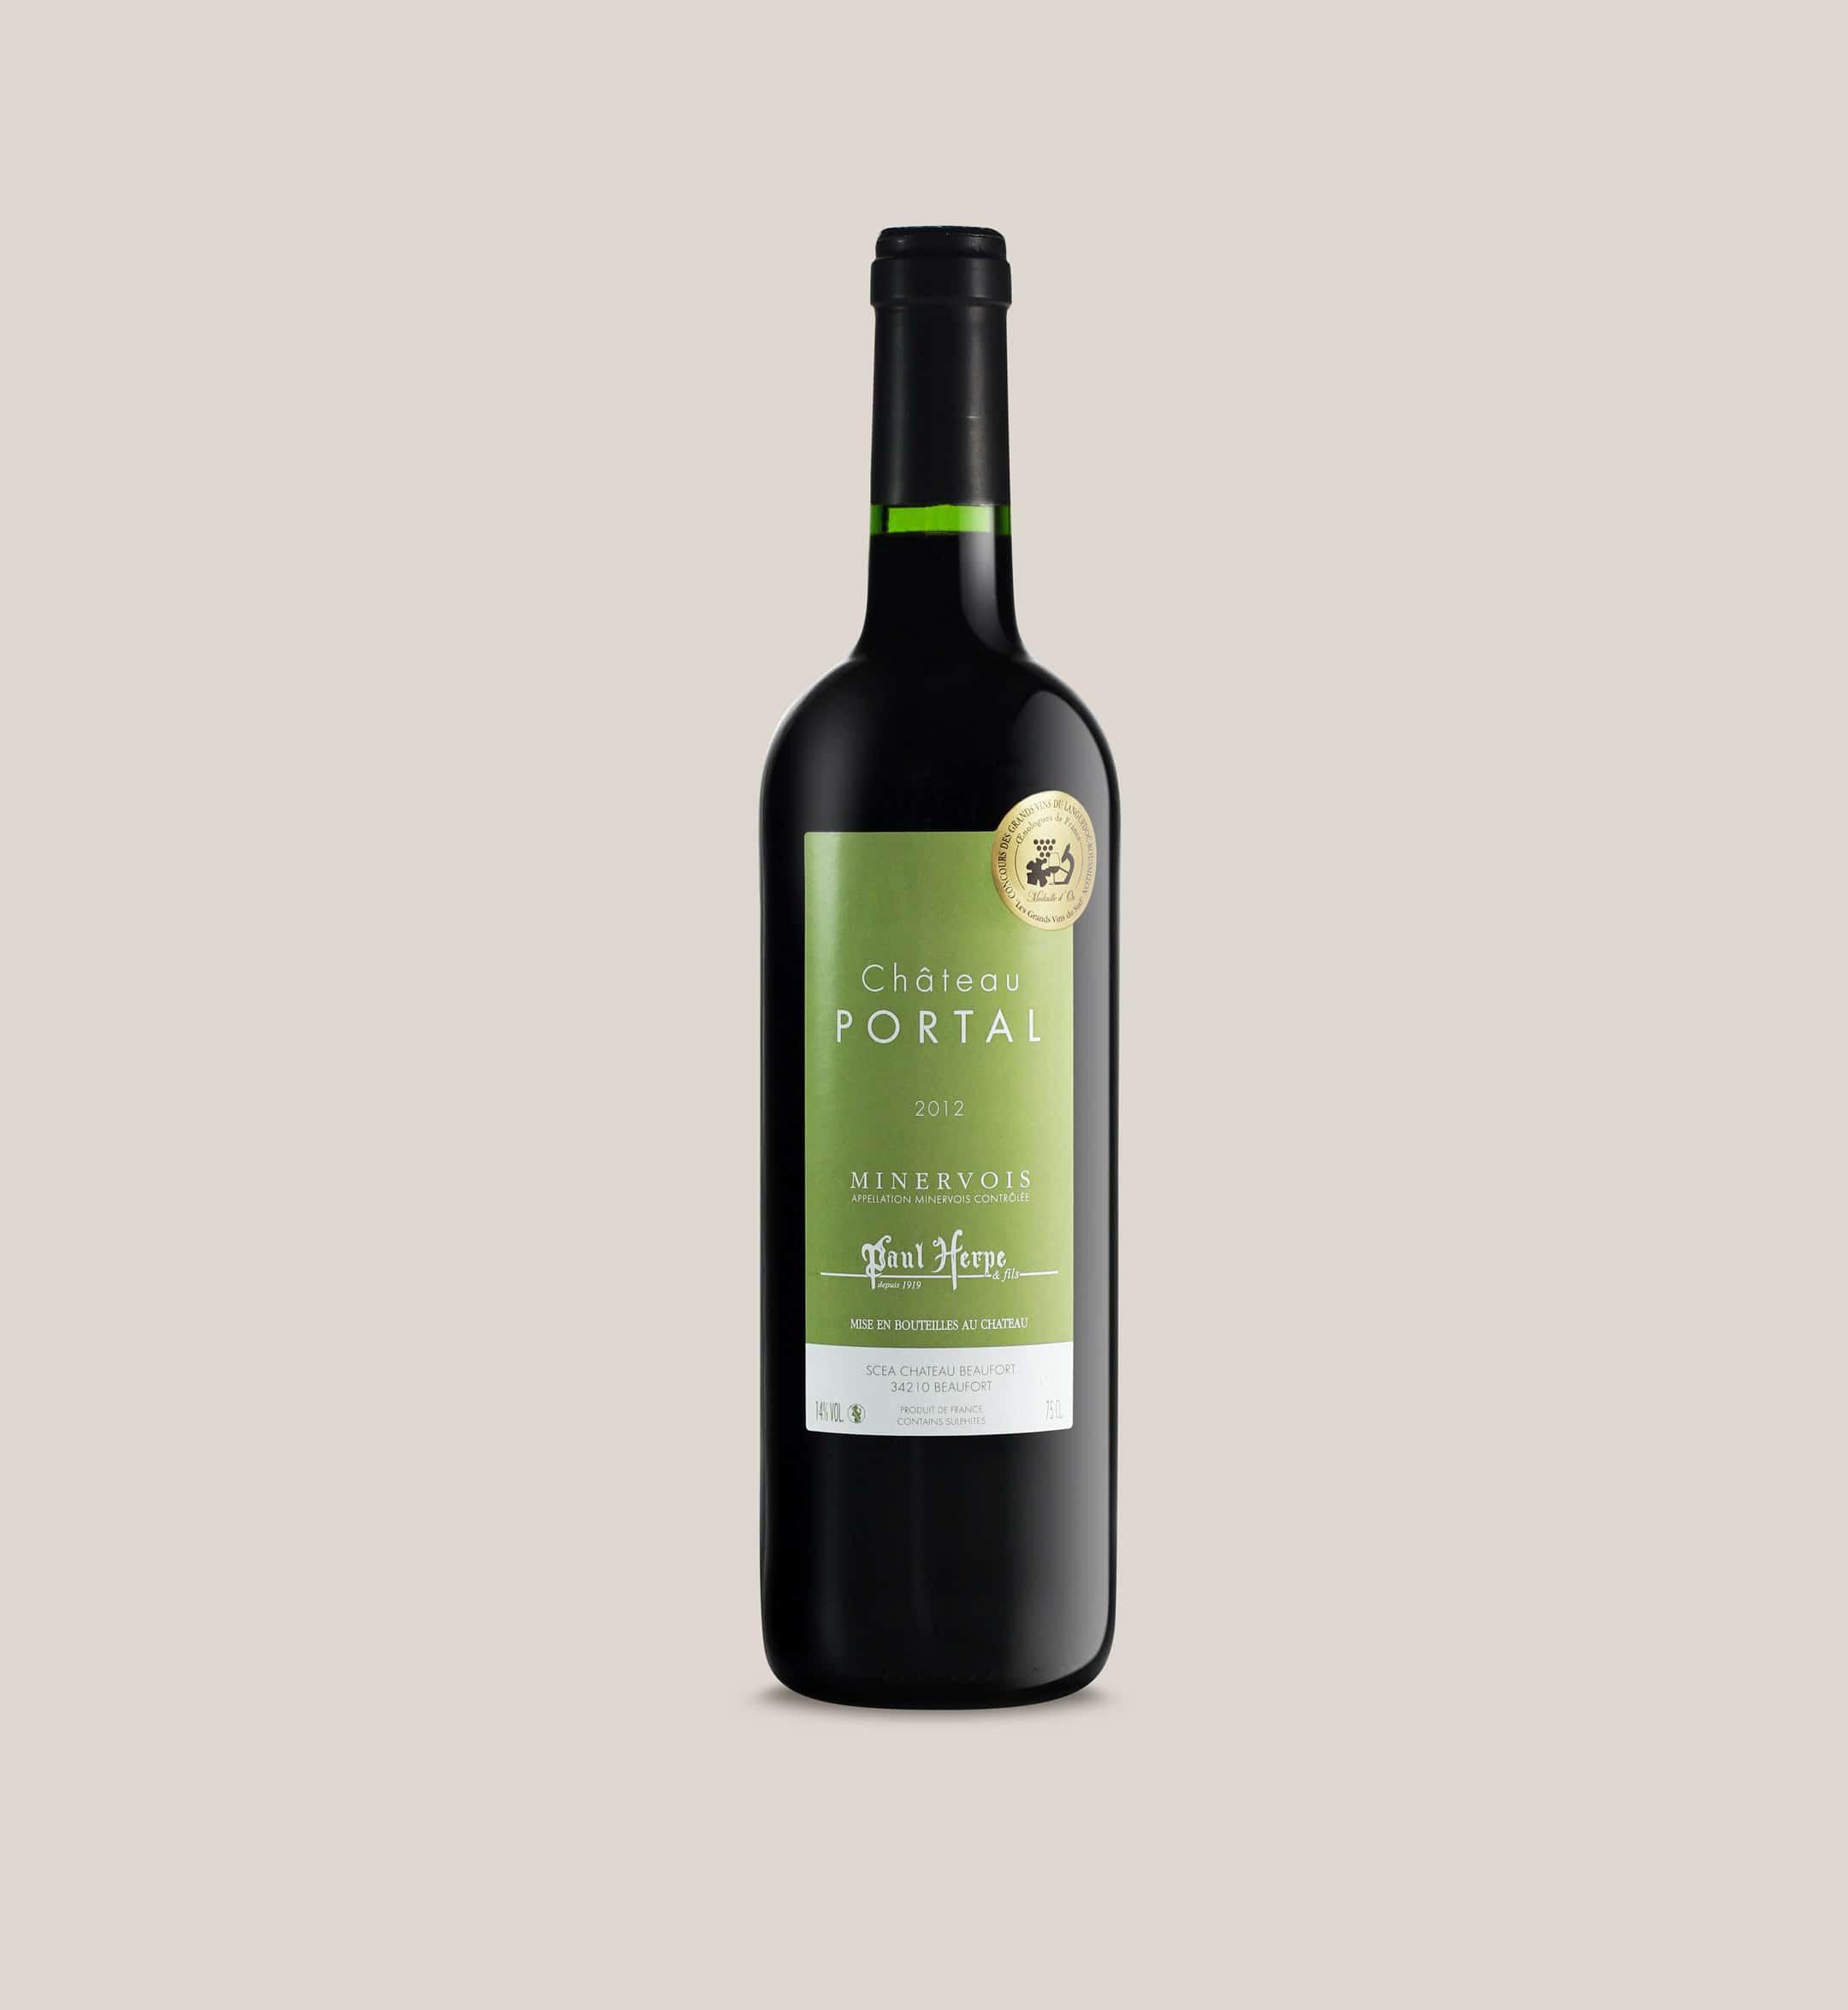 Château Portal AOC Minervois bouteille vin rouge - Paul Herpe